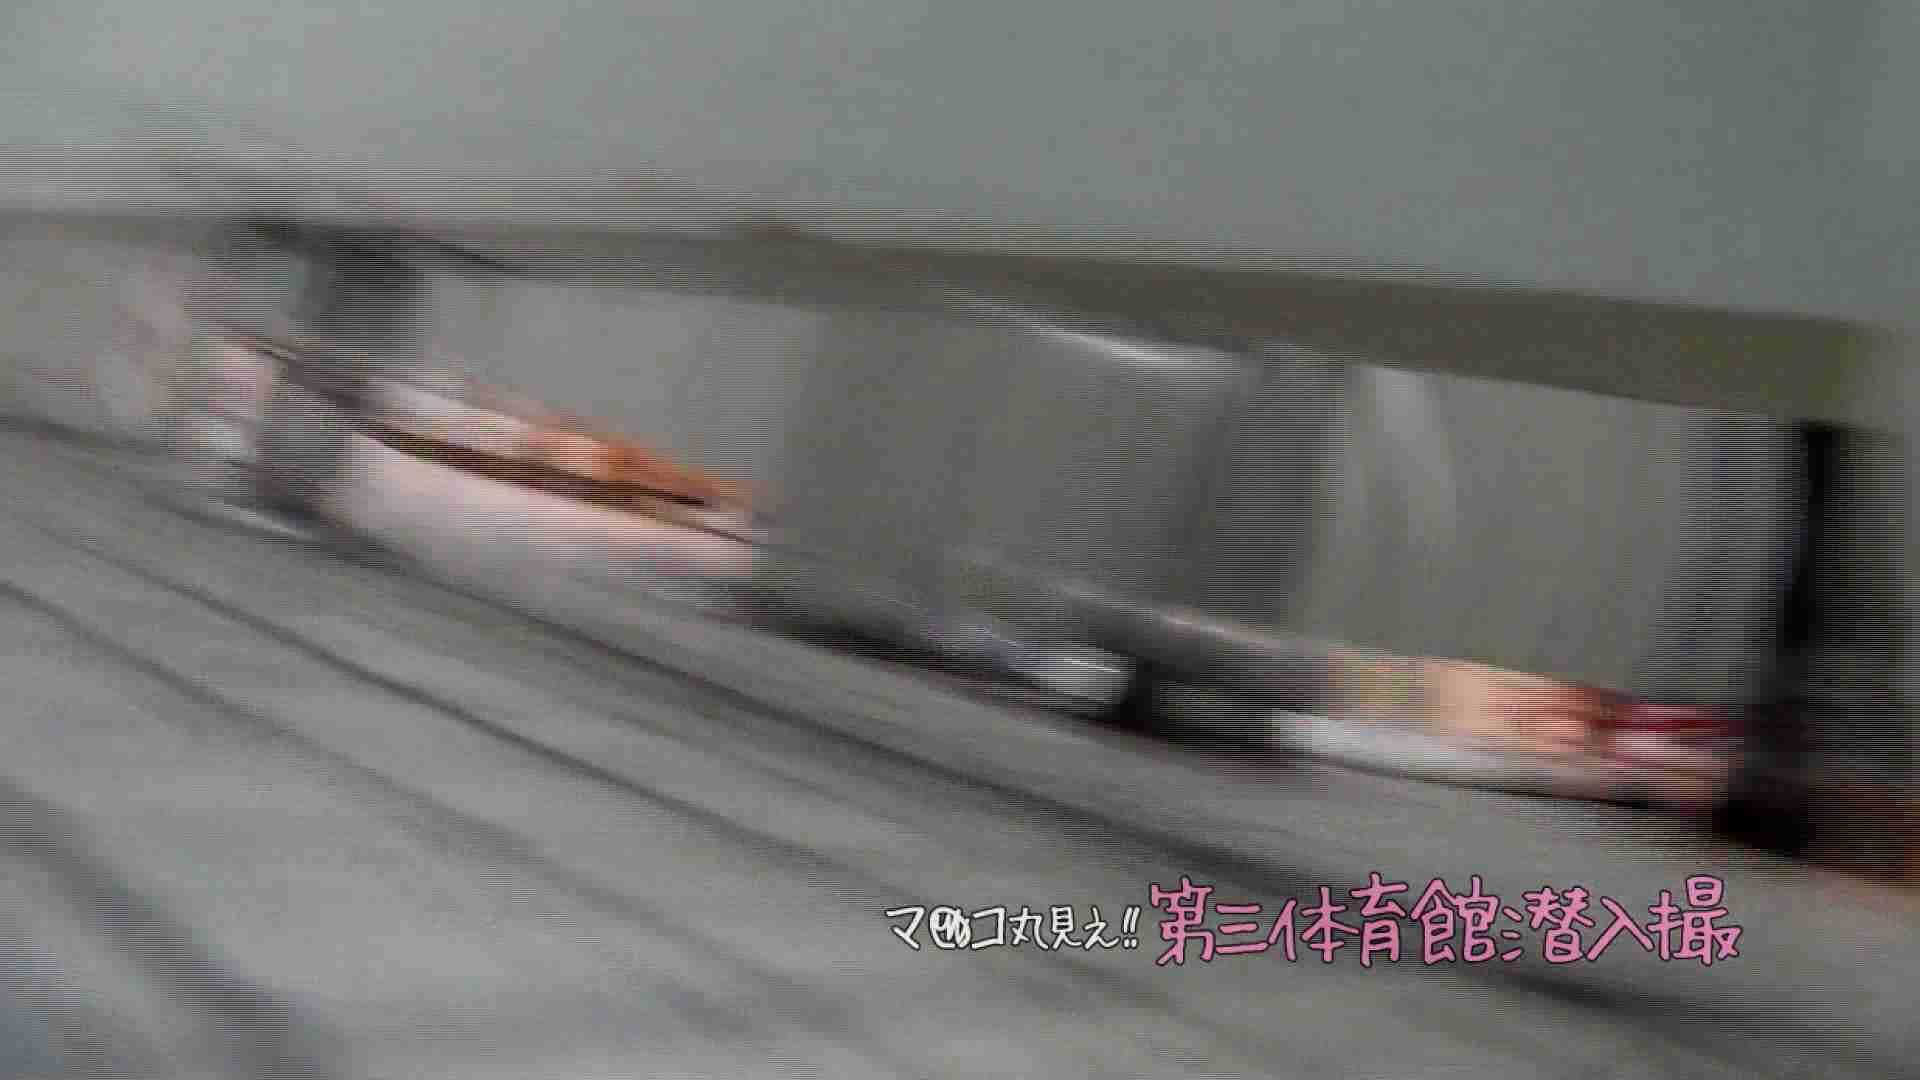 【06位 2016】第三体育館File037 高画質動画  80画像 56